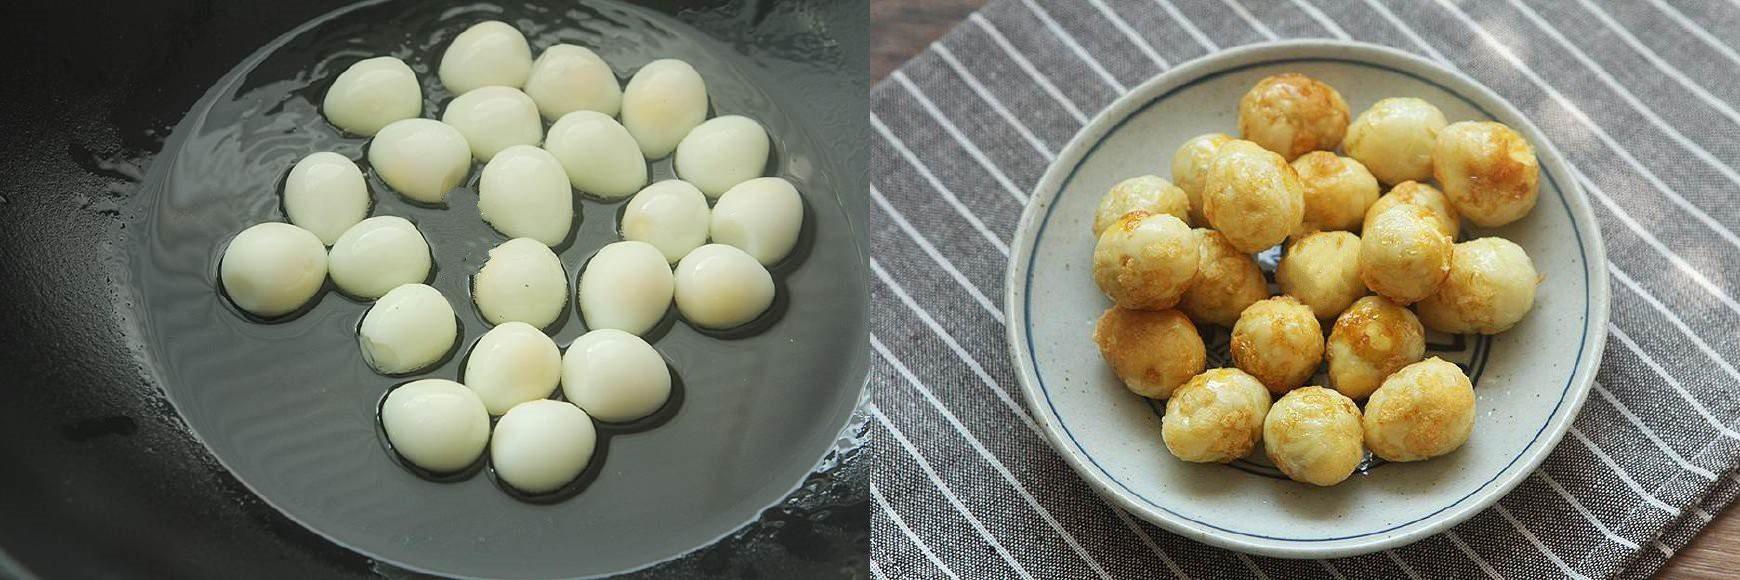 Trứng cút chiên xốt chua ngọt chuẩn ngon - Ảnh 2.